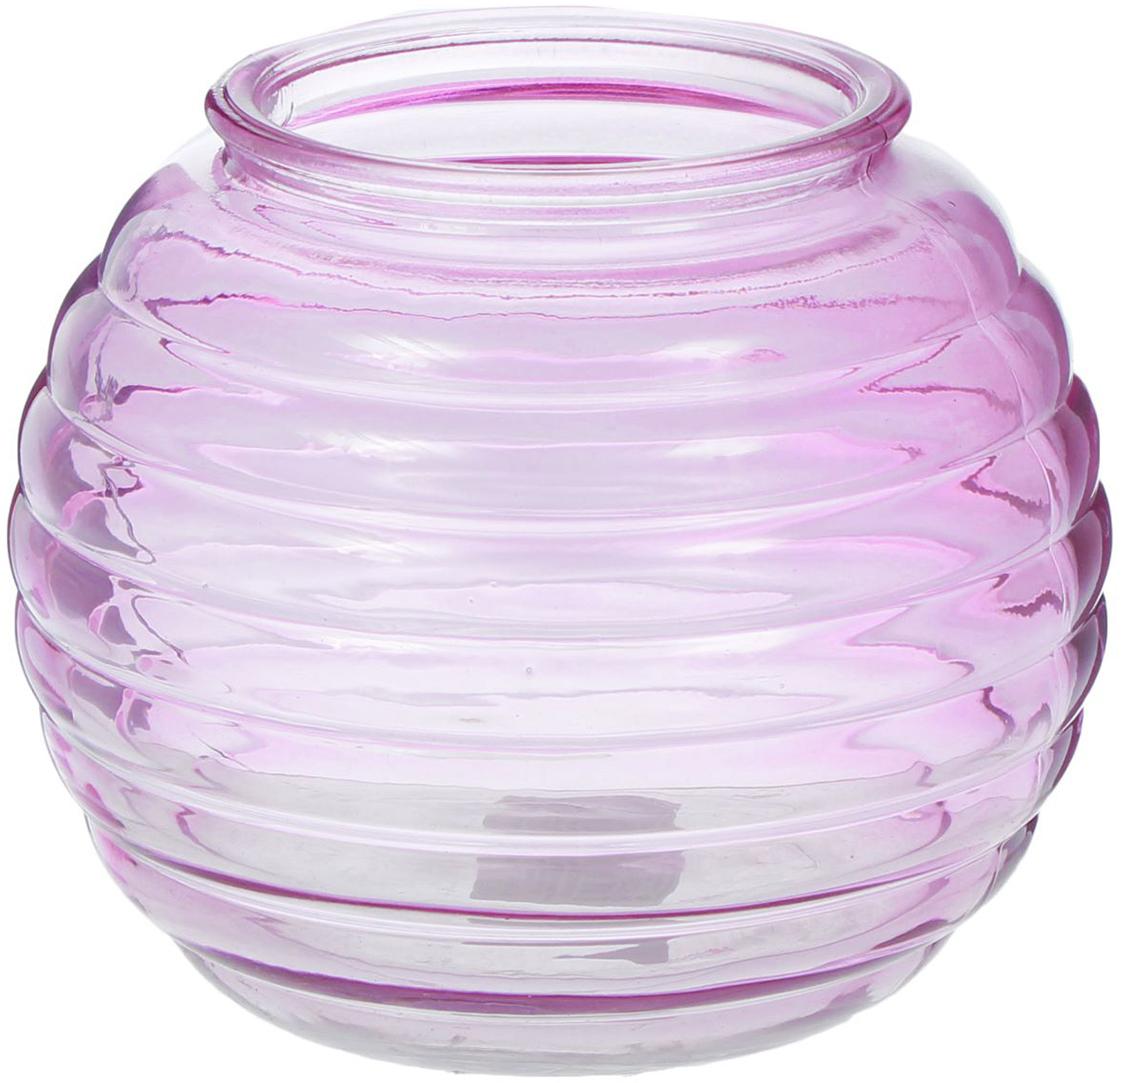 Ваза NiNa Glass Зара, цвет: сиреневый, 1,8 л ваза nina glass грейси цвет оранжевый высота 19 см